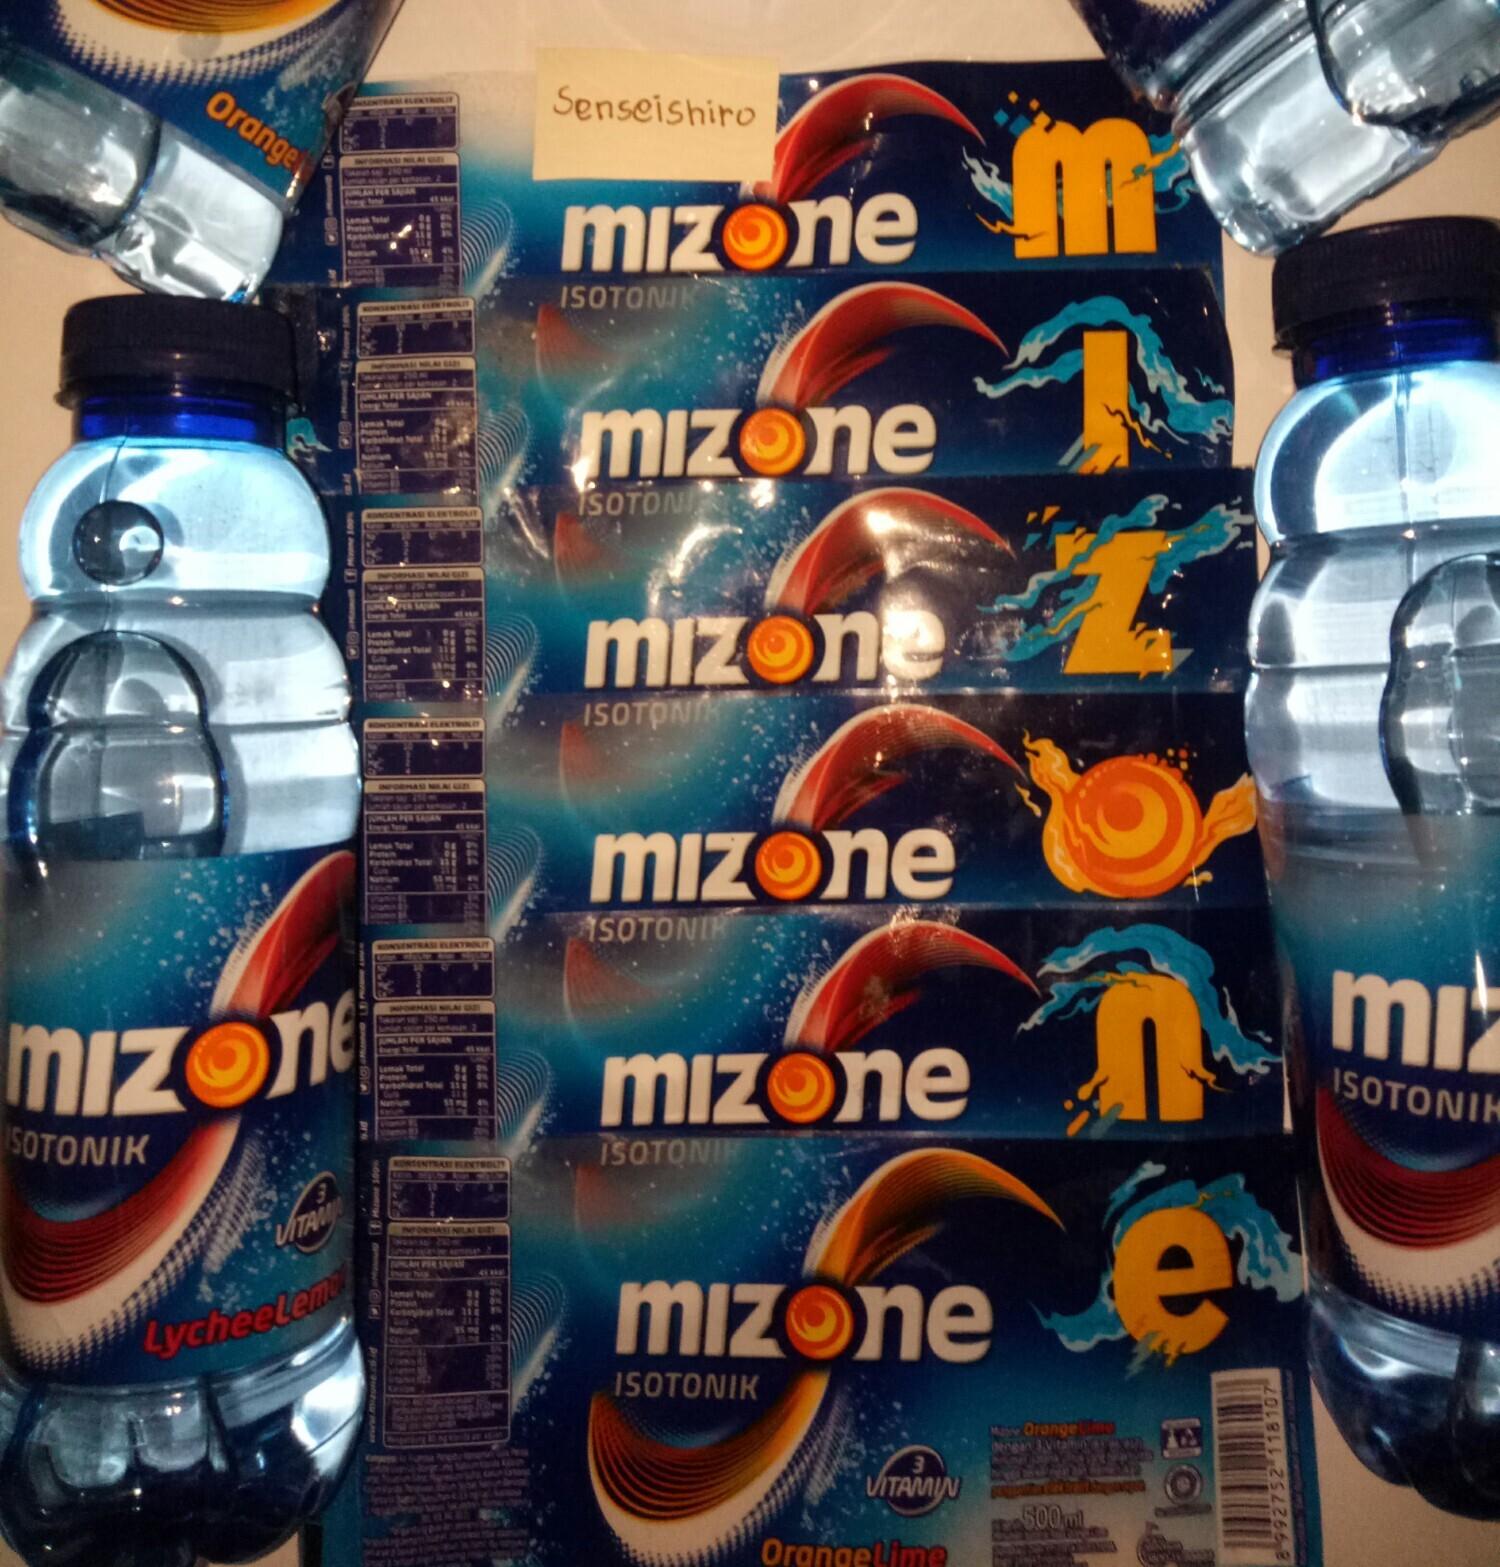 #KASKUSxMizone Indahnya Berbagi Bersama Mizone